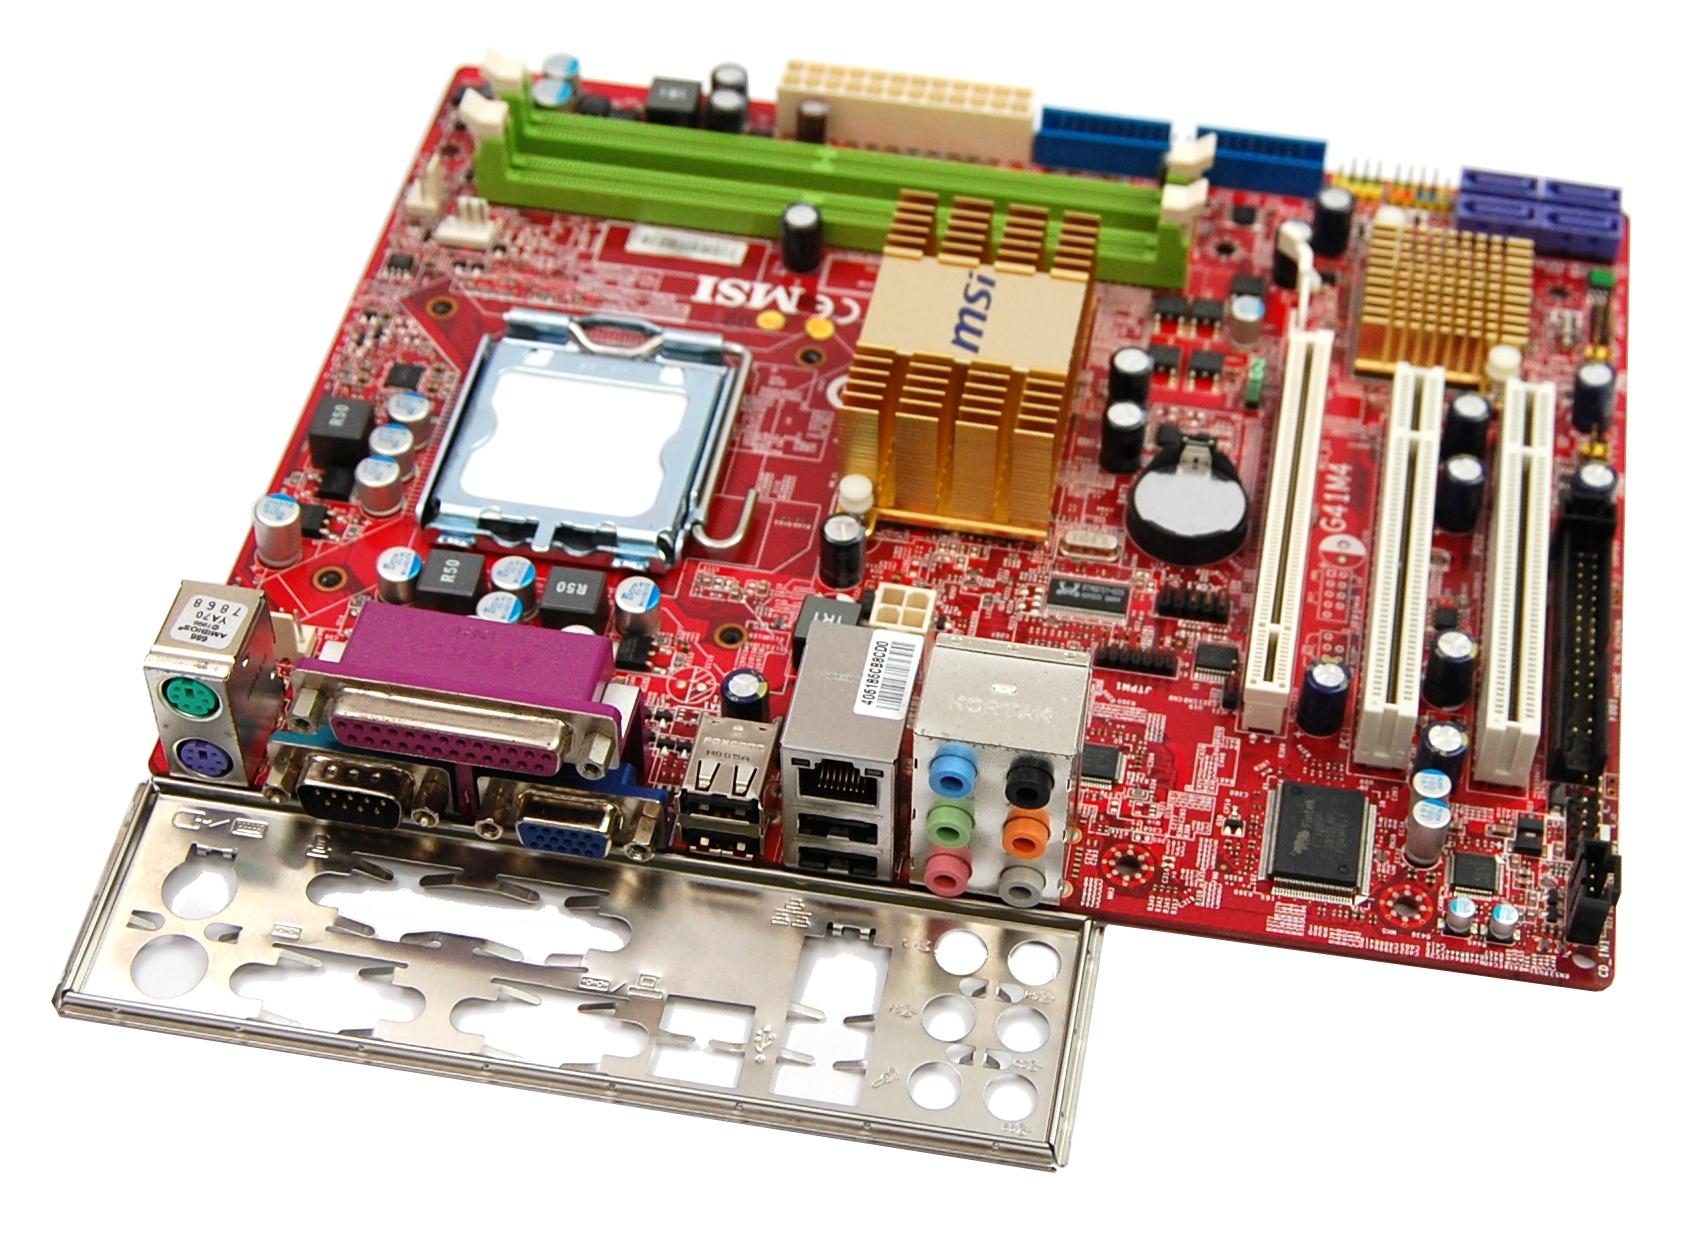 MSI G41M4 Socket LGA775 Motherboard - MS-7592 Ver.:1.0